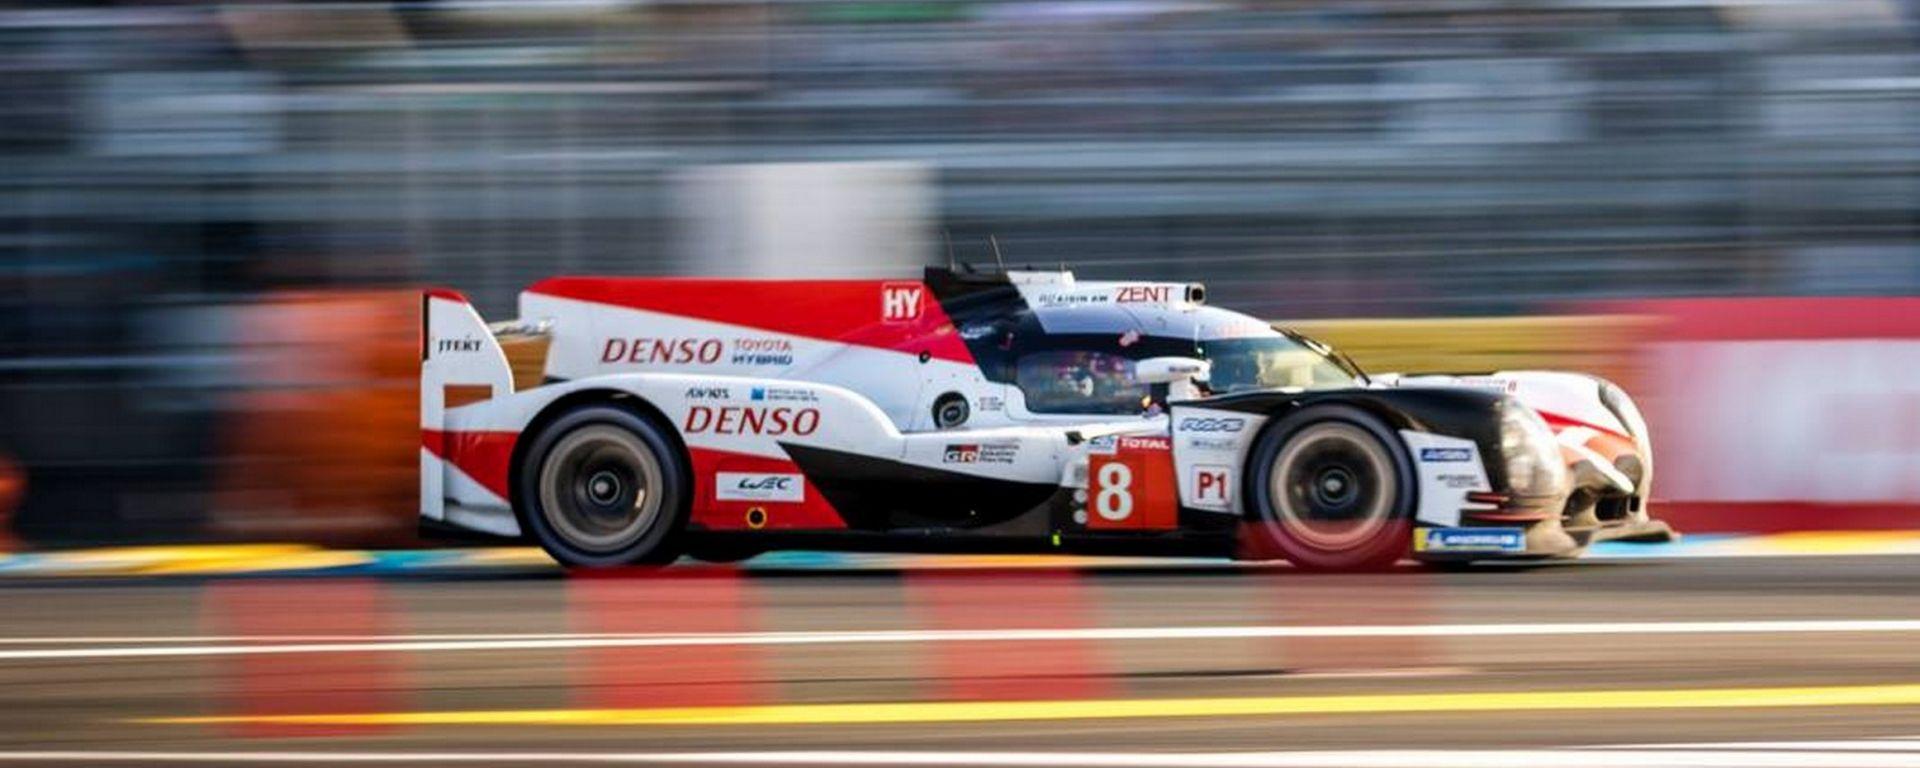 La 24 Ore di Le Mans entra nel vivo: pole provvisoria alla Toyota di Alonso